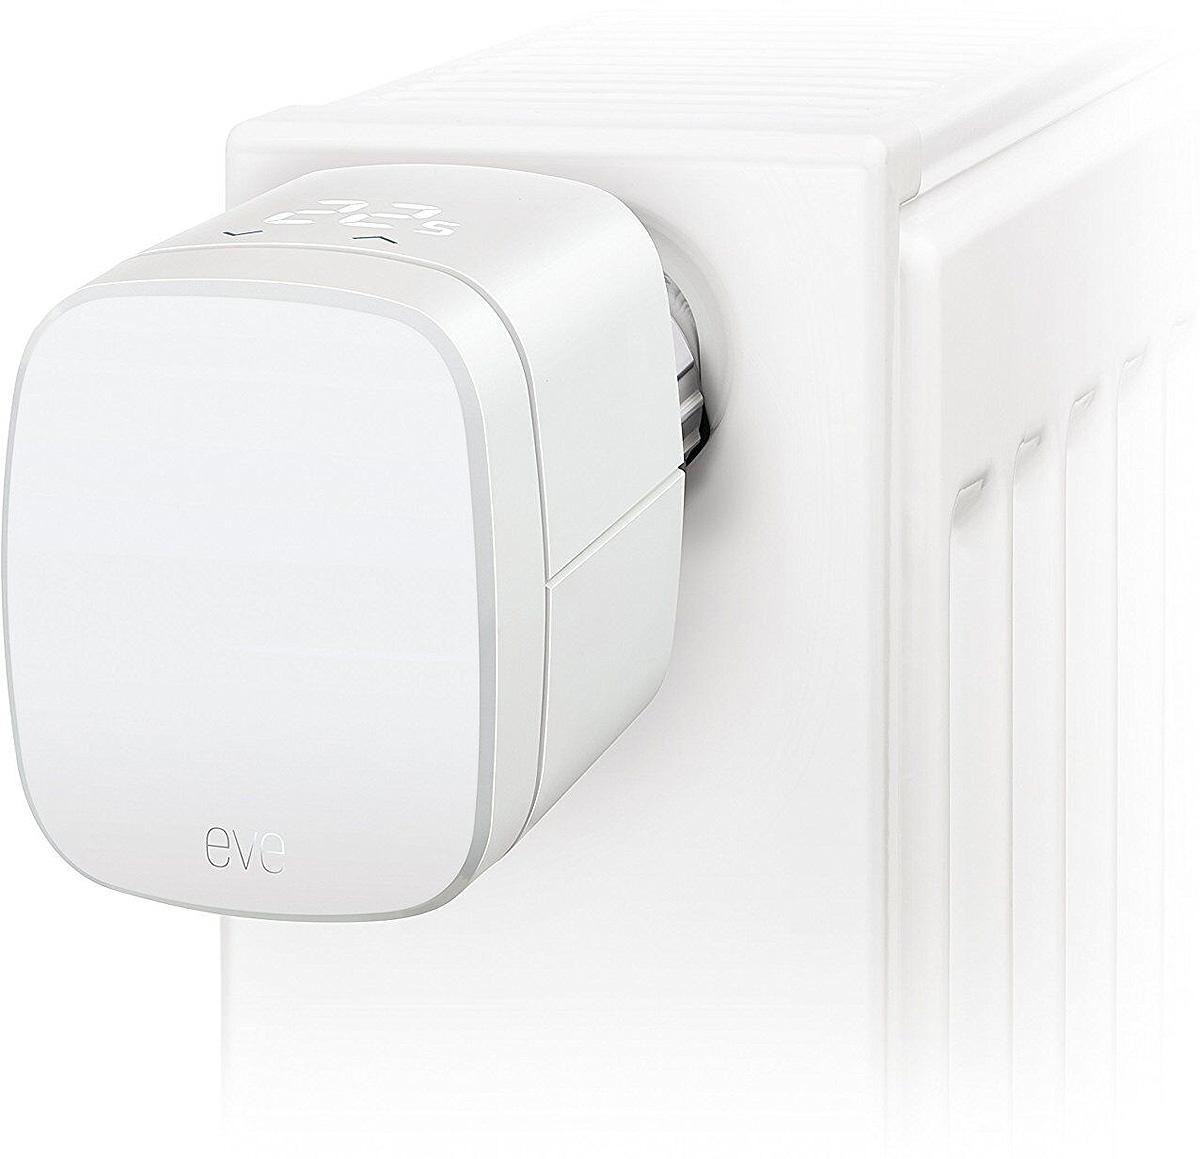 Elgato Eve Thermo 2017 термостат для регулирования температуры комнатных радиаторов10EAR1701Термостат Elgato Eve Thermo 2017 для регулирования температуры комнатных радиаторовСEve Thermo вы сможете легко контролировать температуру в помещении на ваших условиях.Наслаждайтесь удобством интуитивного управления, как никогда раньше.Подключите EveThermo напрямую к Вашему iPhone или iPad, используя технологию Bluetooth Smart, бездополнительных маршрутизаторов и хабов. При поддержке технологии HomeKit, Eve предлагаетпростоту использования, улучшенную безопасность и интеграцию с Siri.Термостатсинхронизируется с приложением, которое не просто отдает команды, но и собирает статистику оработе устройства — по часам, дням и неделям. В программе есть предустановленные настройки,но вы можете установить удобный вам профиль работы.Также существует возможностьустановки работы по расписанию. Достаточно выбрать уже установленный пресет или выставитьопределенную температуру с помощью нескольких простых касаний. А поскольку Eve Thermo —это по-настоящему умное устройство, оно точно будет знать, когда вы вернетесь домой, чтобыобеспечить вам комфортную температуру, не дожидаясь команды от вас или вашего iPhone. ХарактеристикиСовместимость клапана: M 30x1,5Адаптеры: Danfoss RA, RAW, RAVL Питание: 2 шт. AA заменяемые батарейкиБеспроводное соединение: Bluetooth 4.0 Smart Размеры: 54 x 67 x 85 мм